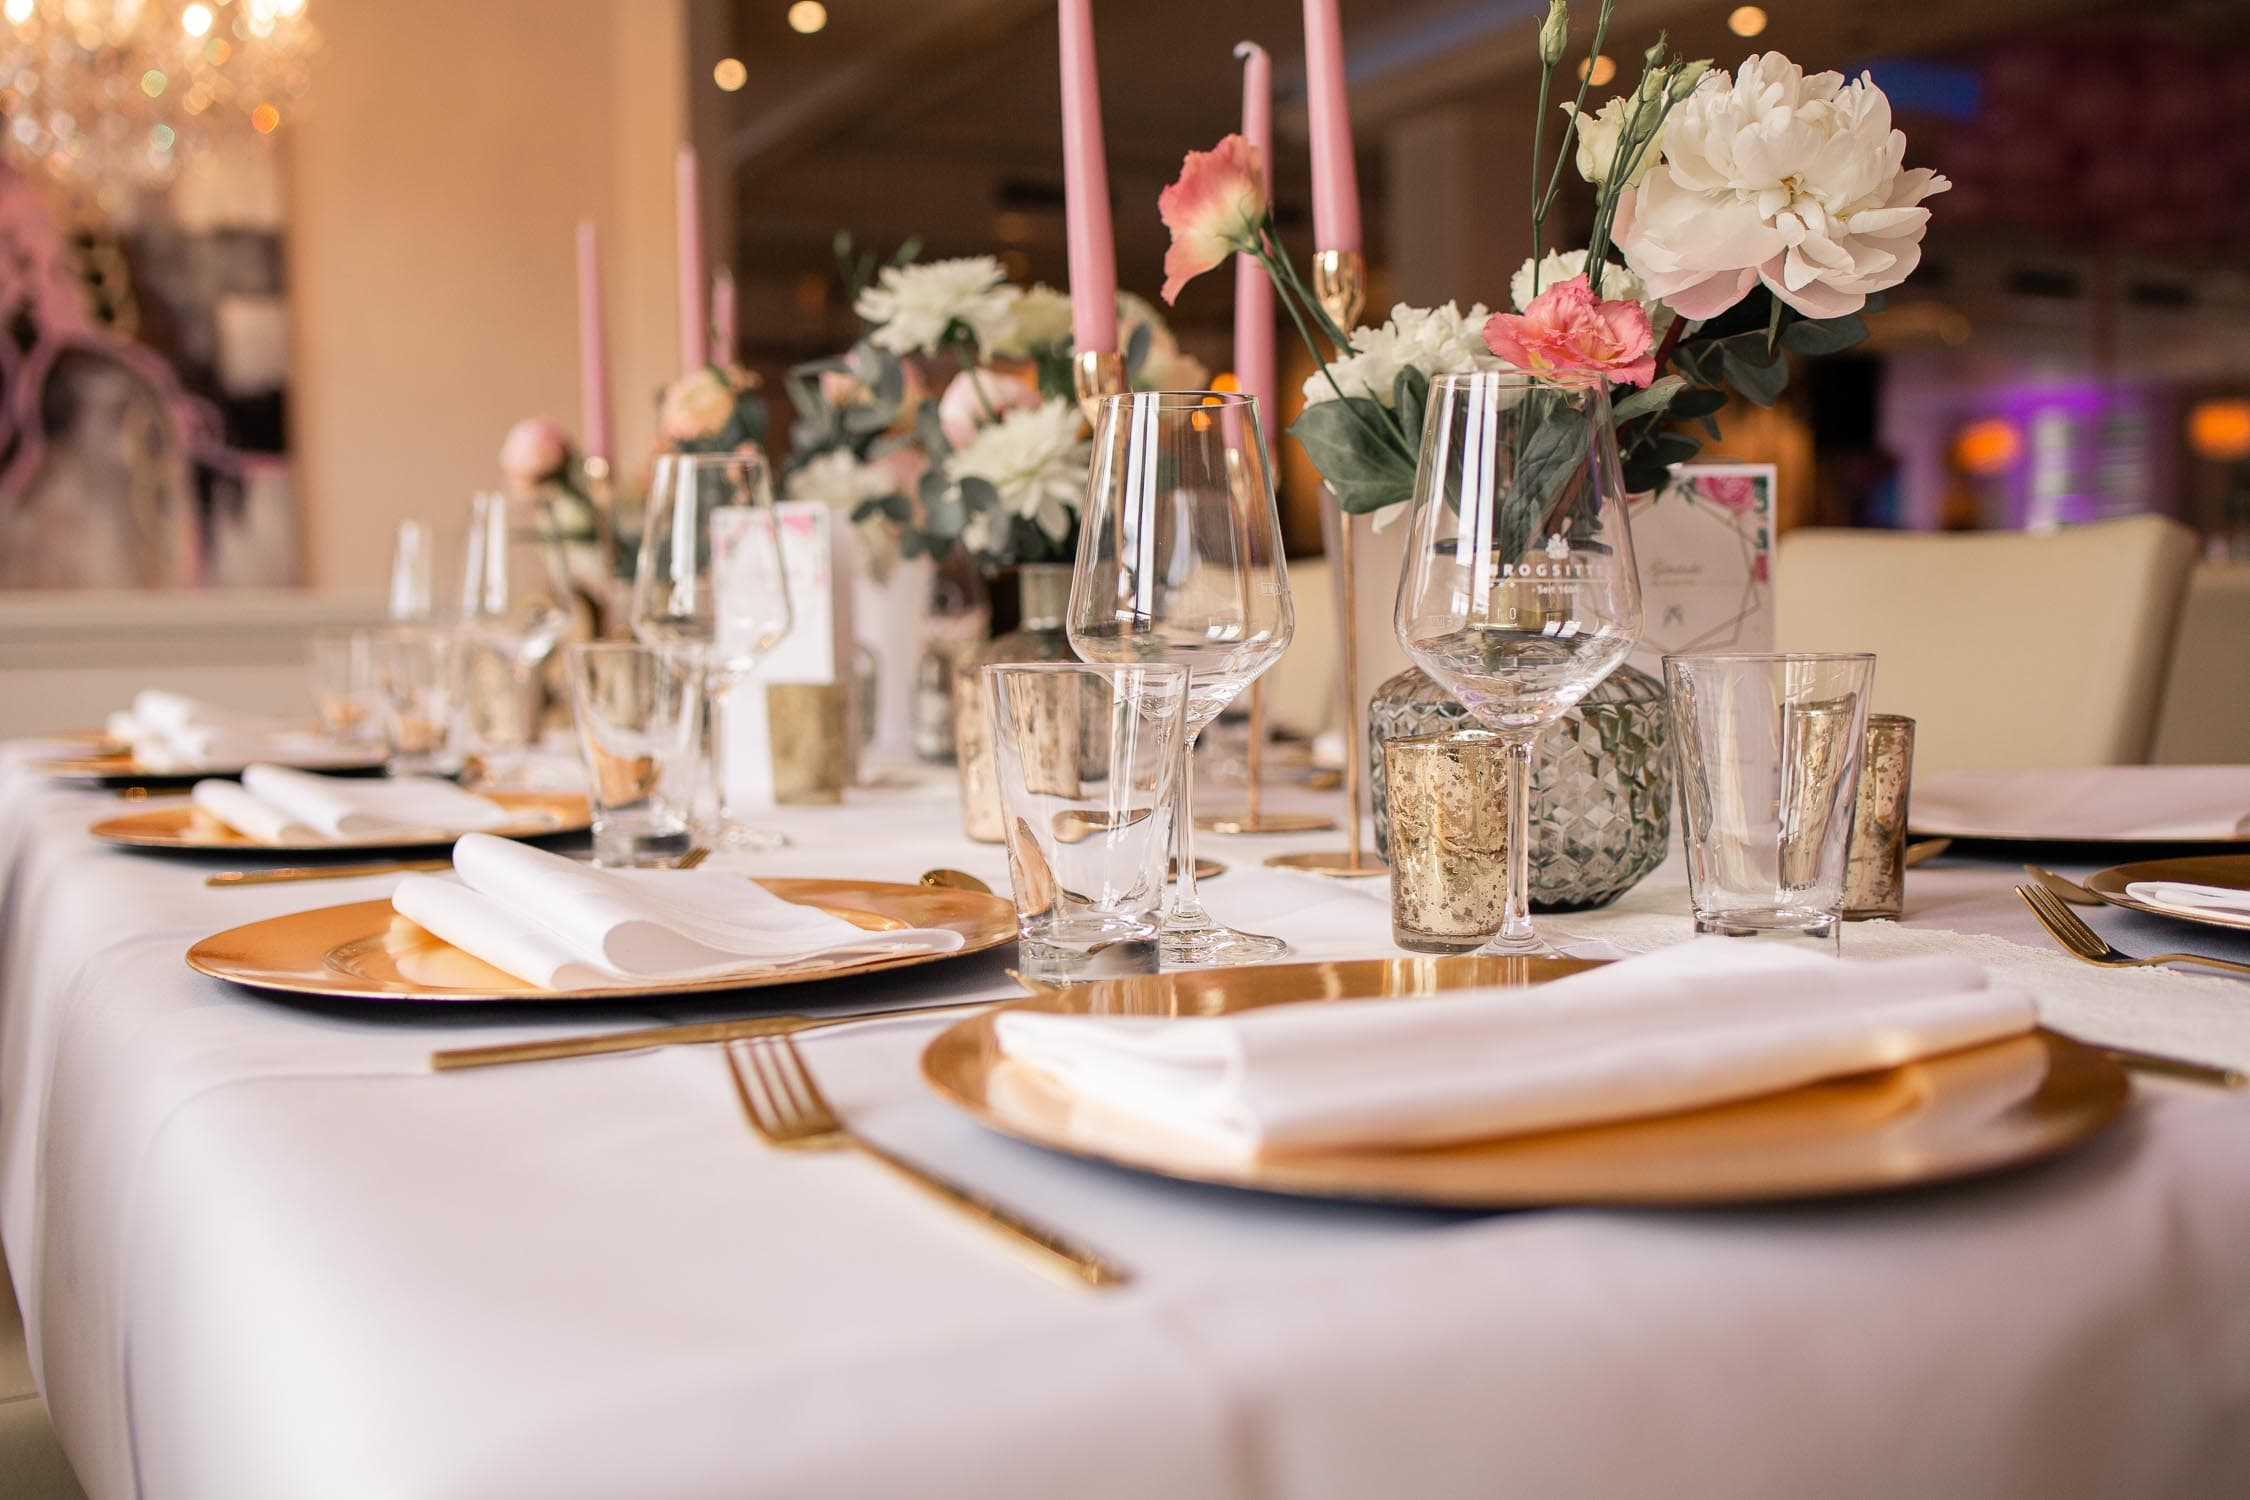 Tischdekoration Hochzeit – gesehen bei frauimmer-herrewig.de